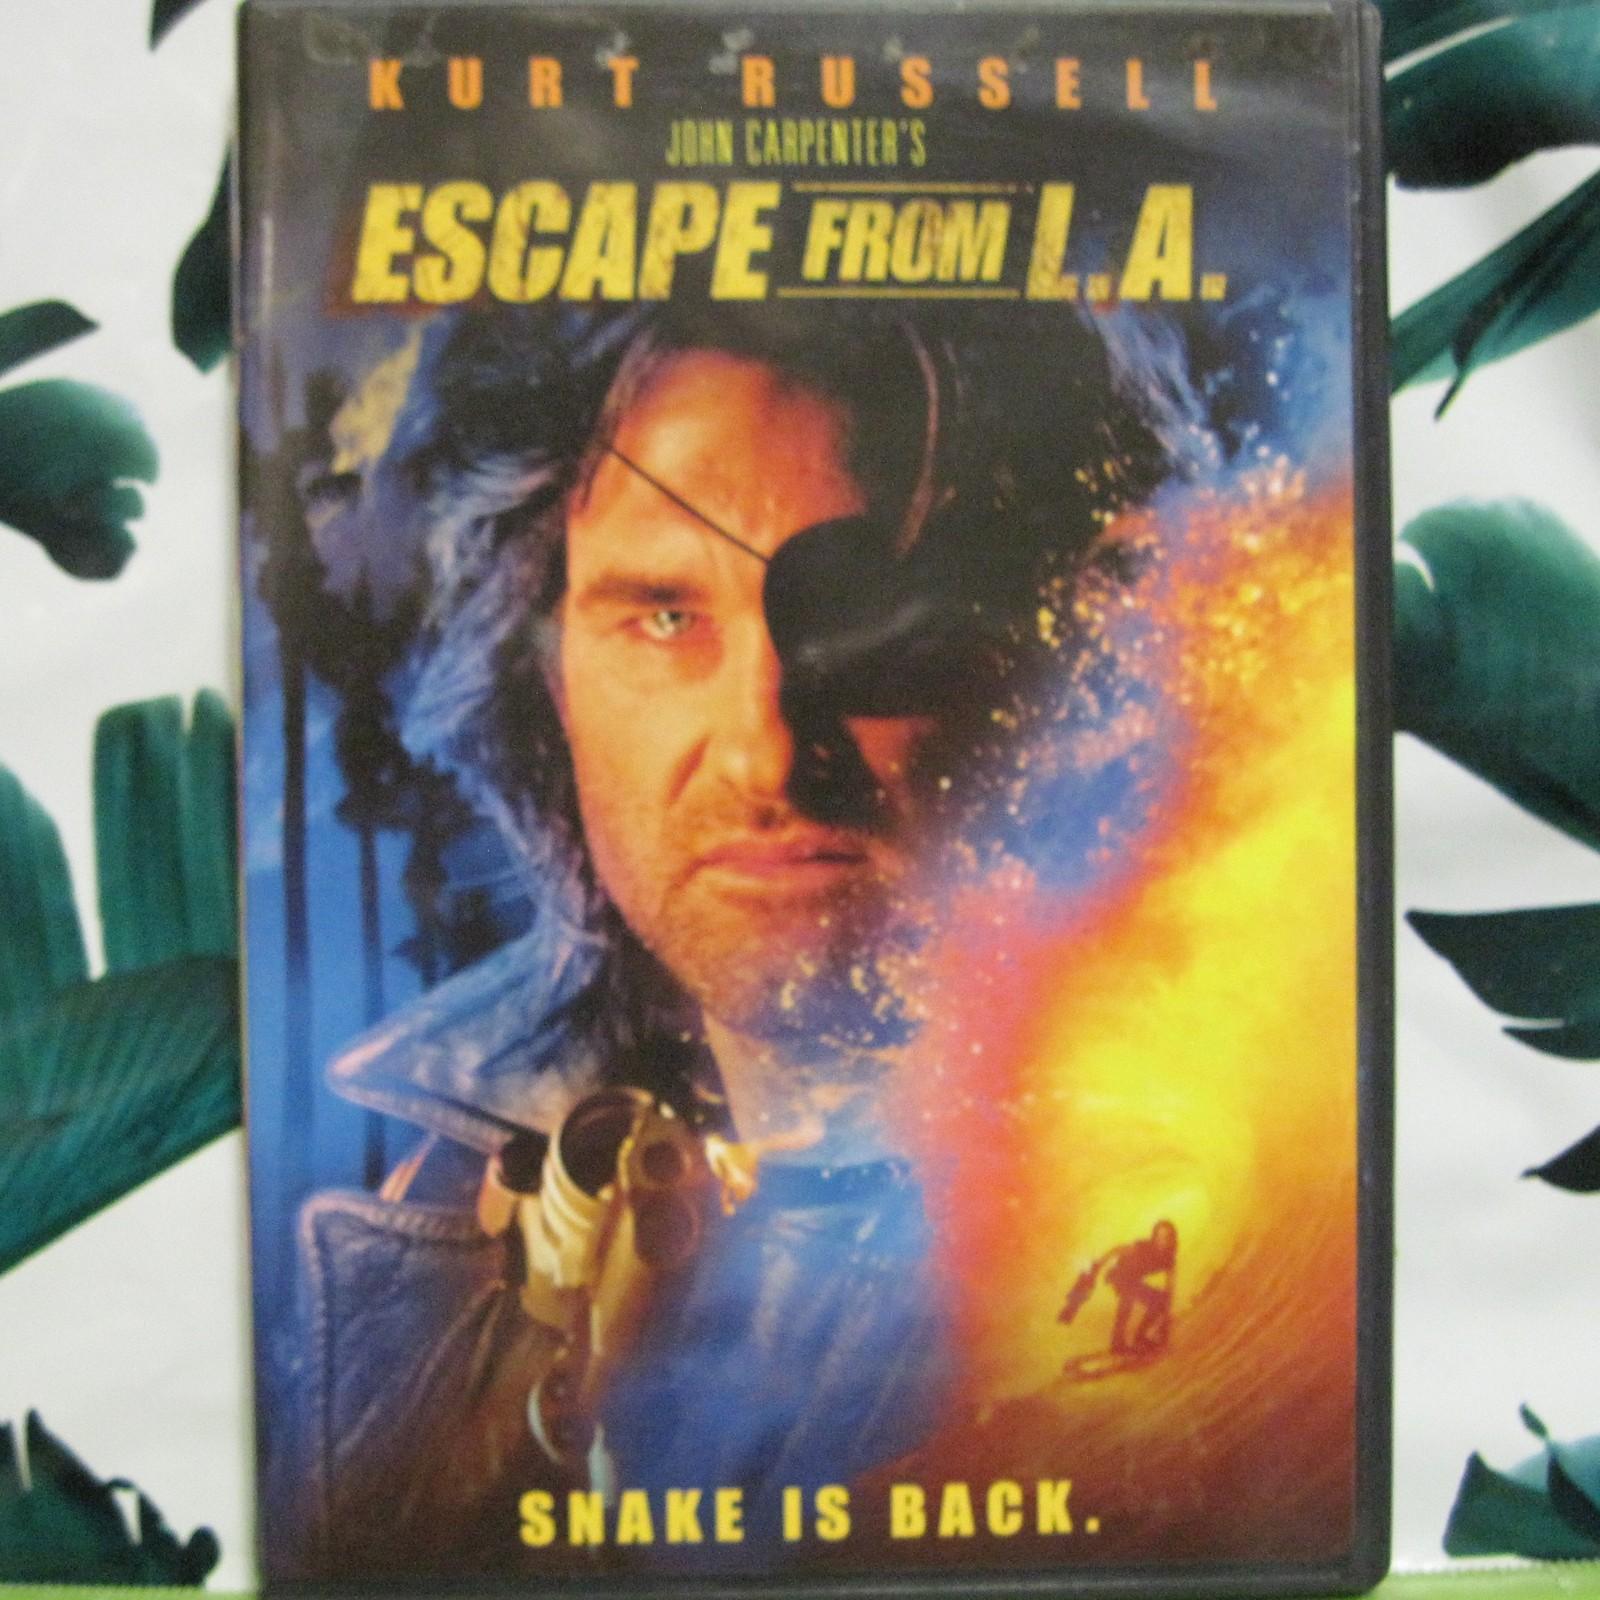 DVD Escape From L.A. Kurt Russell Stacy Keach Steve Buscemi Widescreen